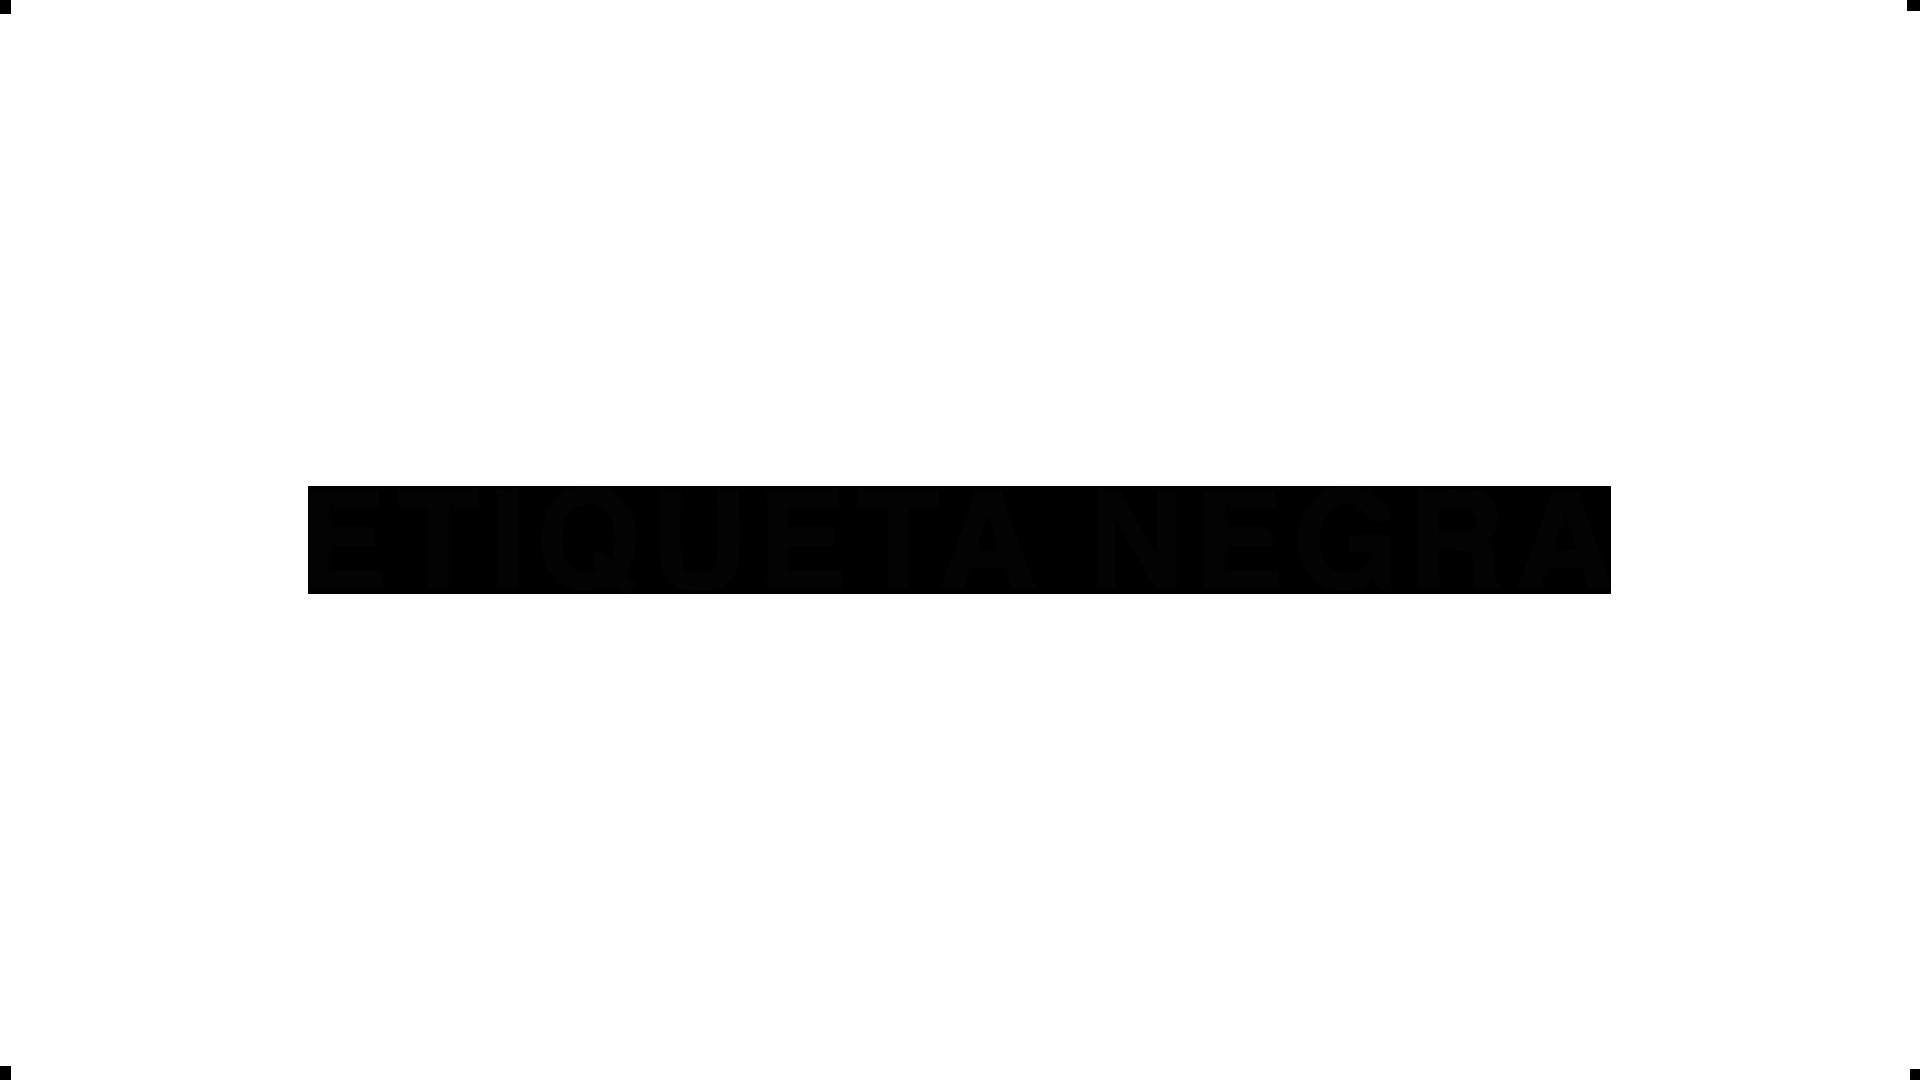 LIVE MULTIMARCA - Etiqueta-negra